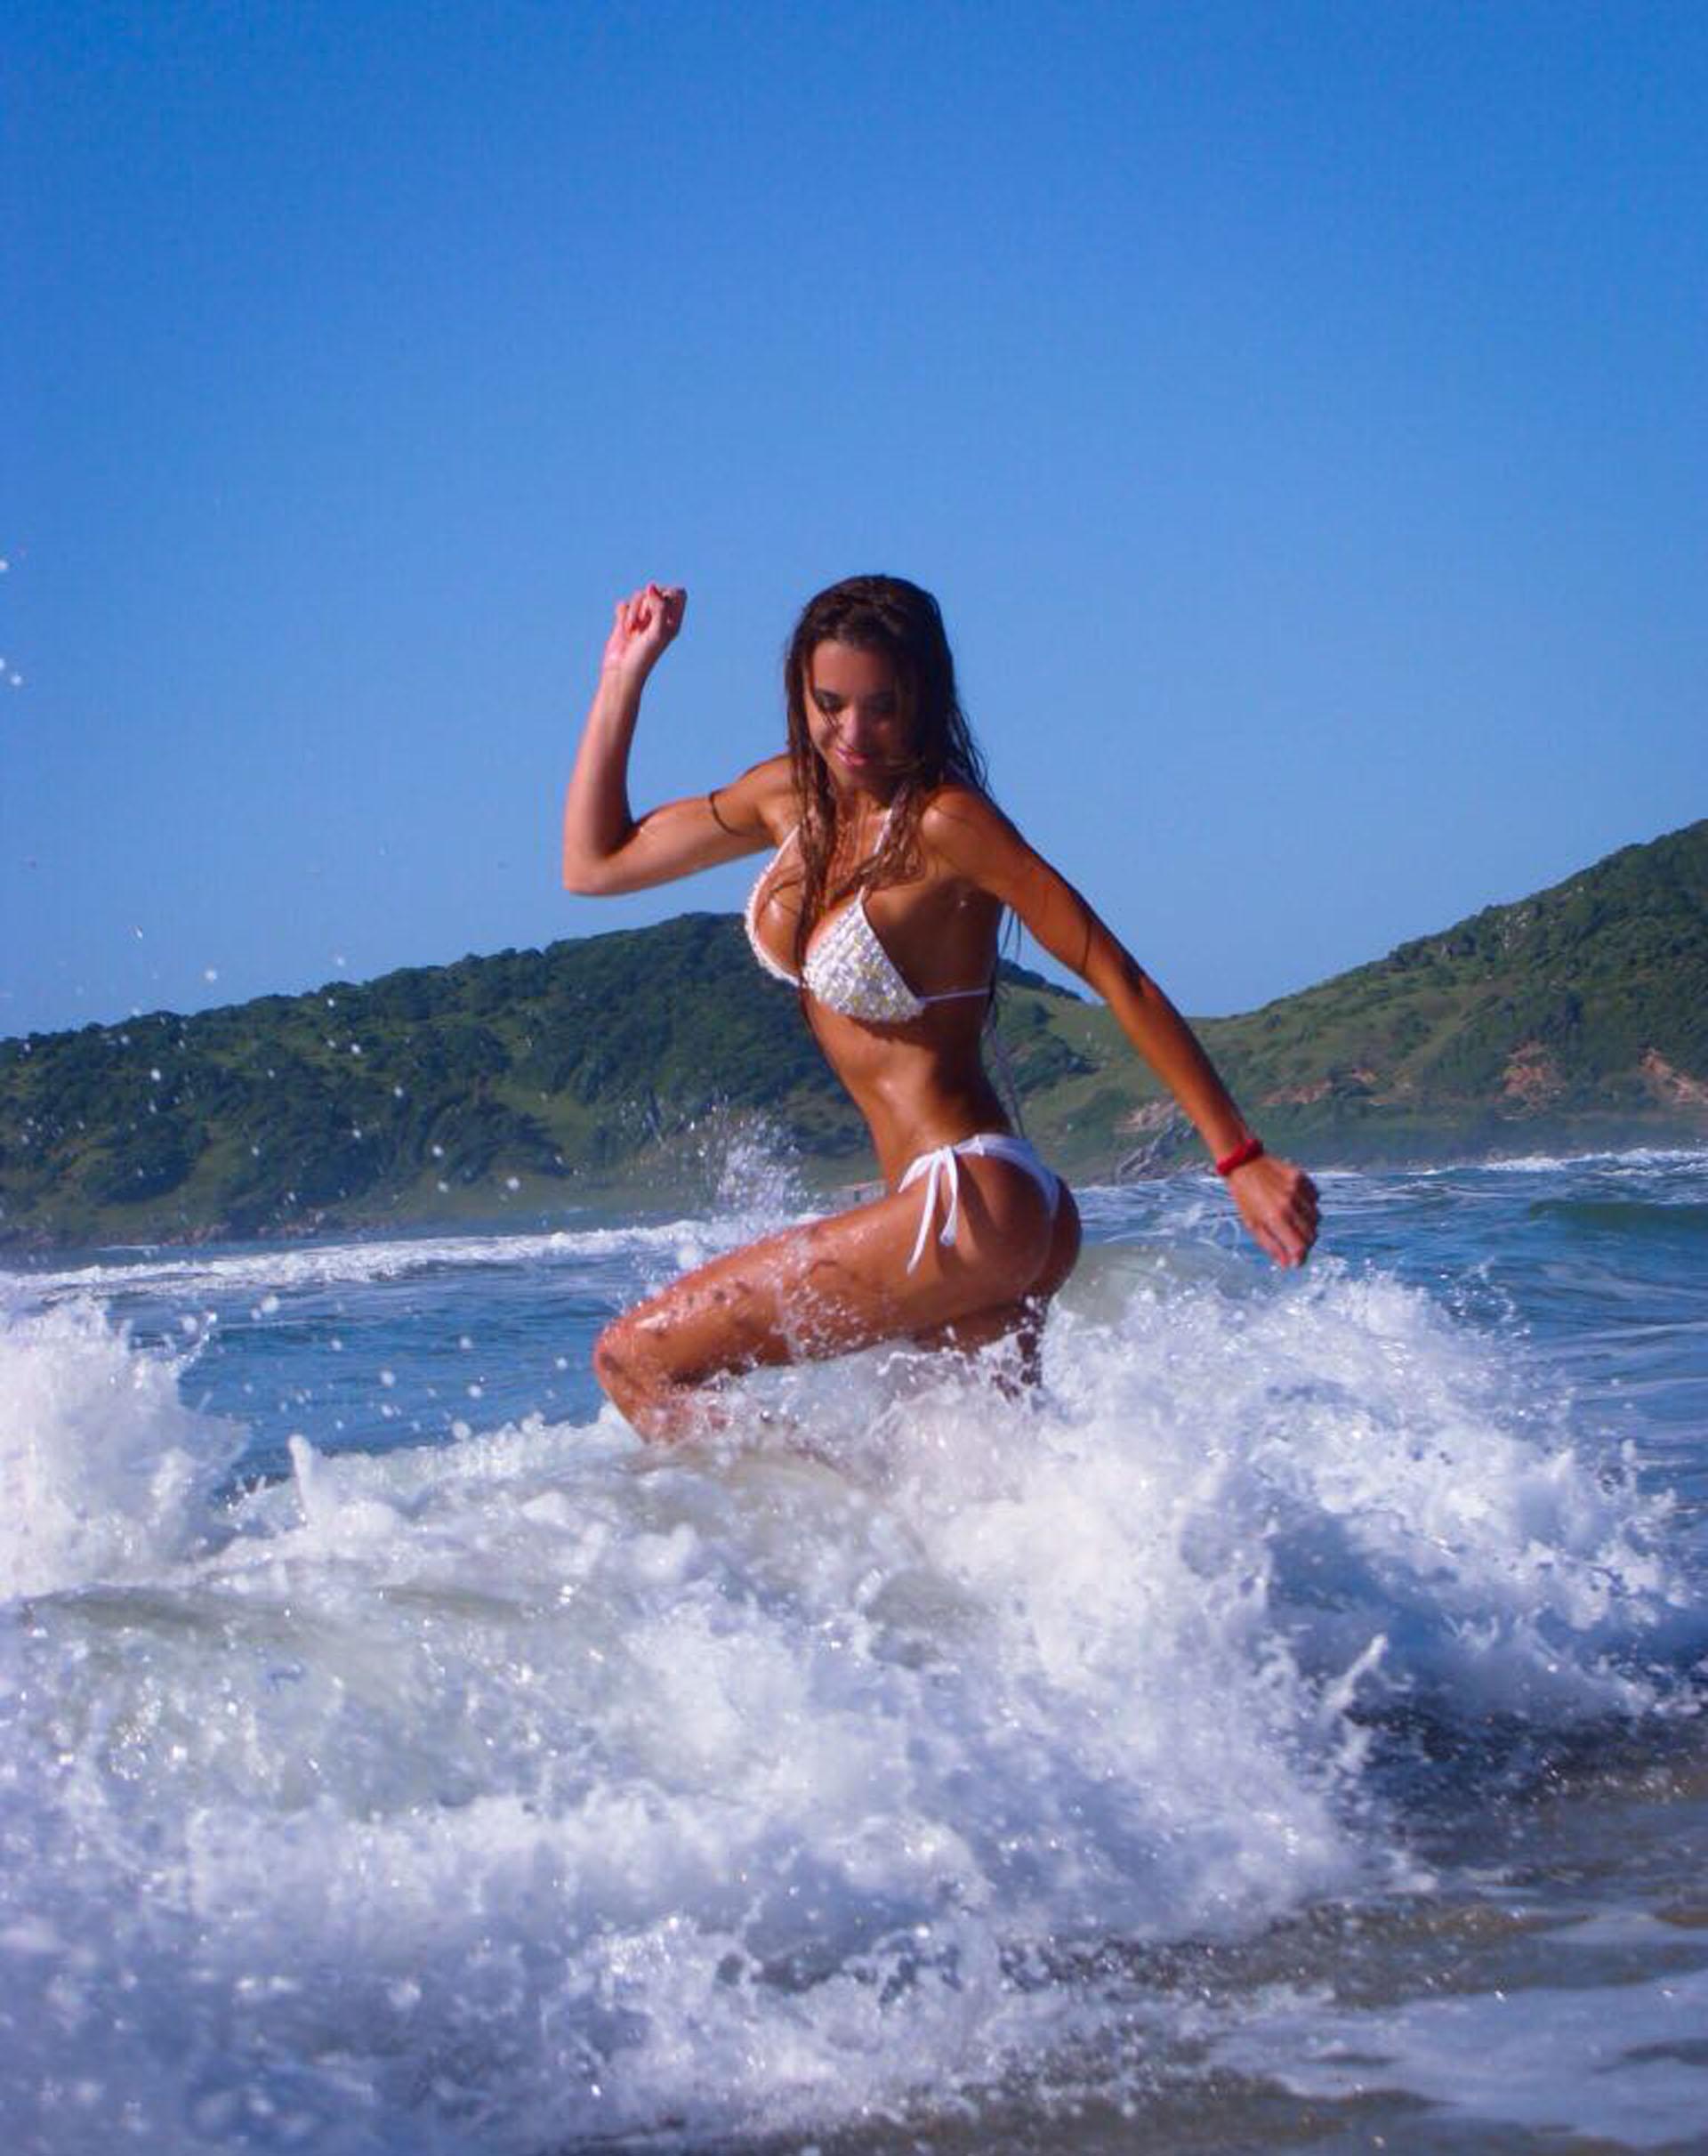 Durante sus vacaciones, la periodista disfrutó al cien por ciento los días de sol y playa